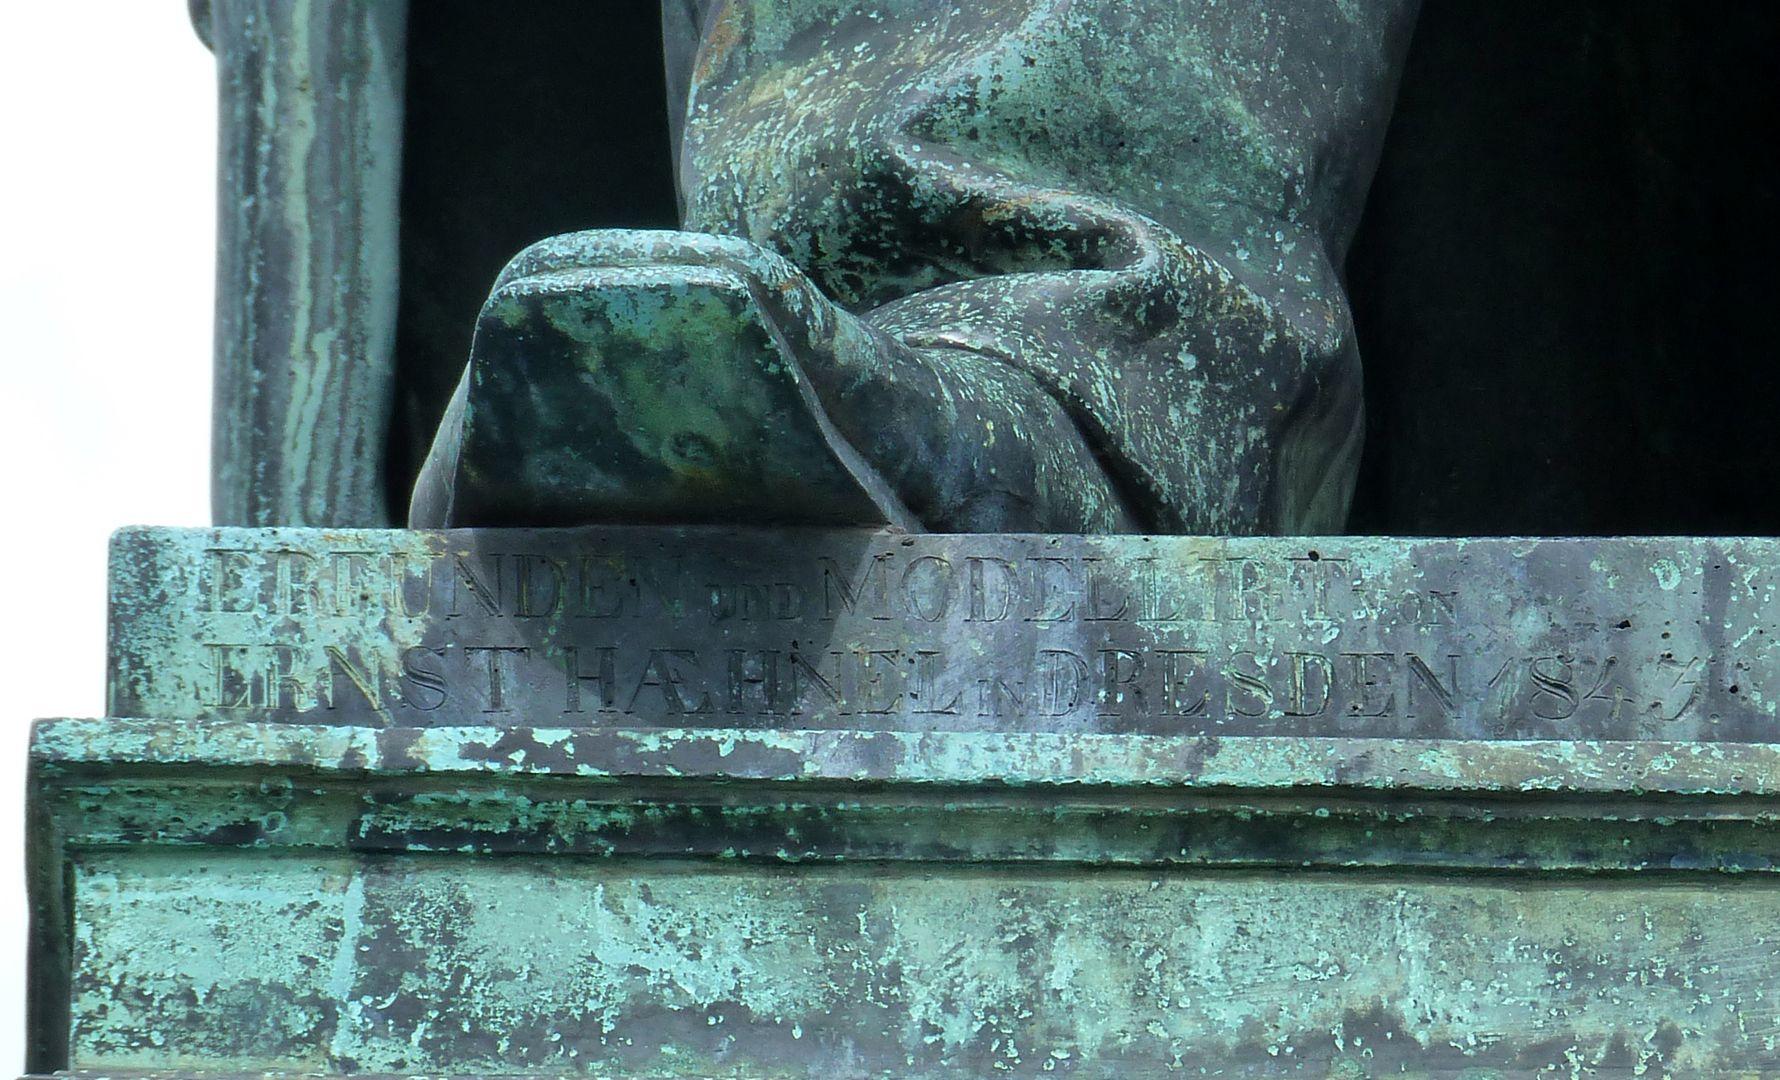 Beethoven-Denkmal (Bonn) ERFUNDEN UND MODELLIRT von ERNST HAEHNEL in DRESDEN 1843